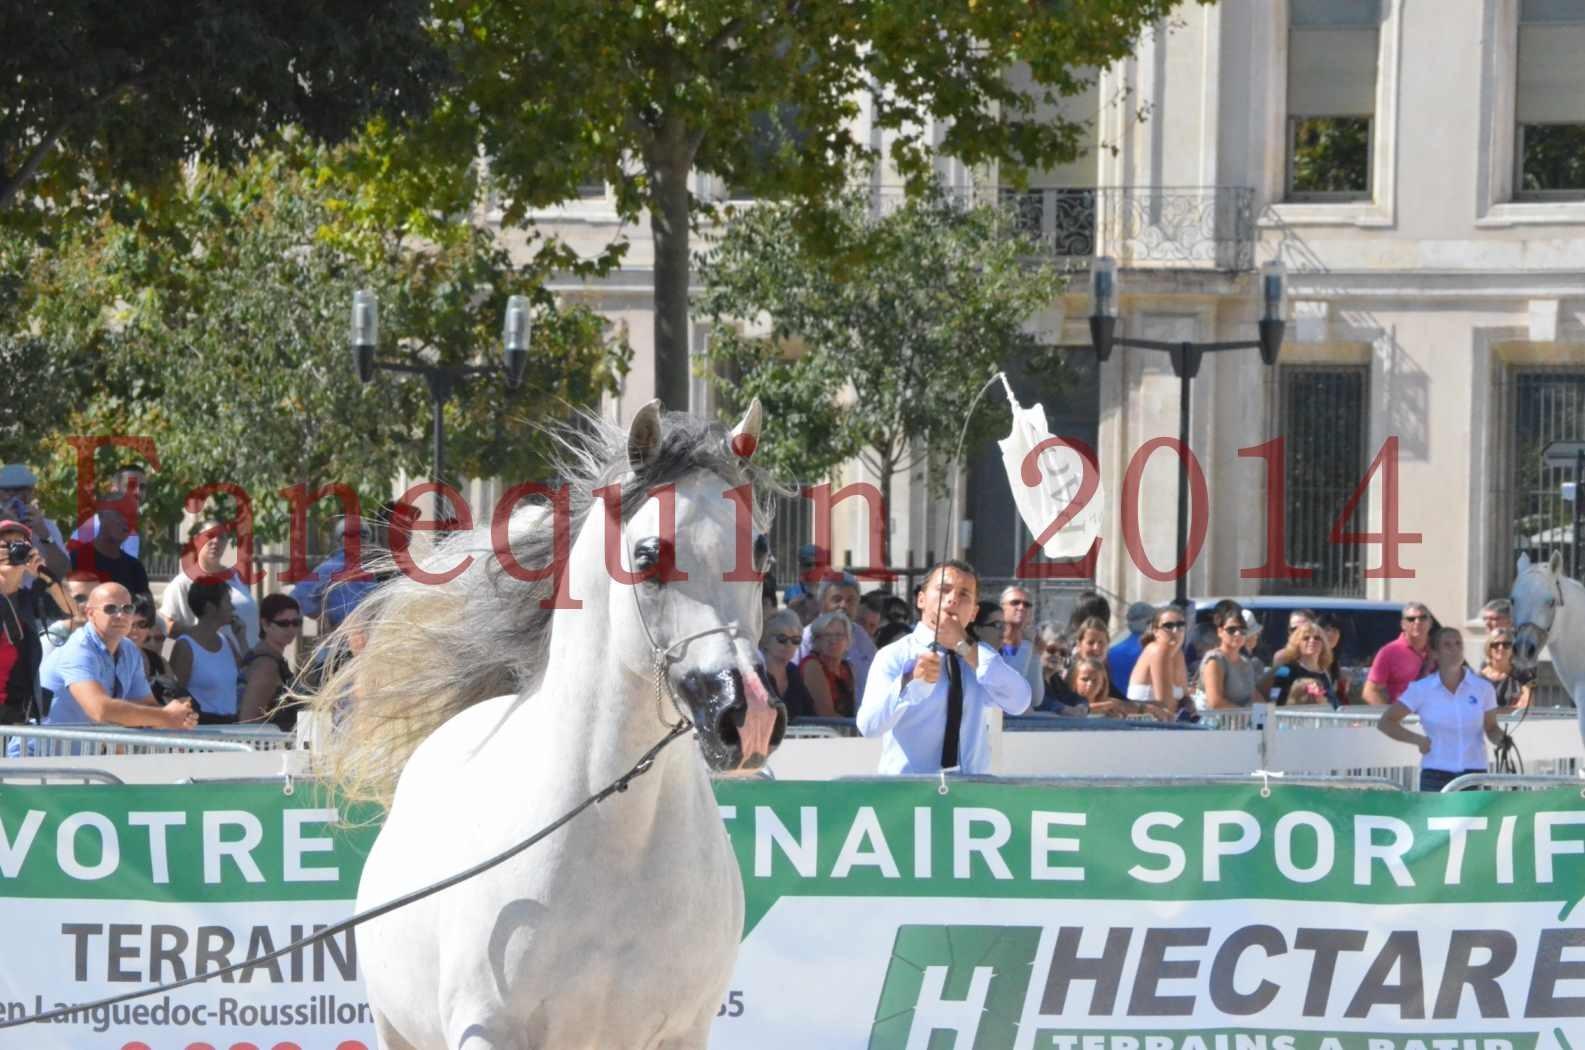 Concours National de Nîmes de chevaux ARABES 2014 - Sélection - SHAOLIN DE NEDJAIA - 53